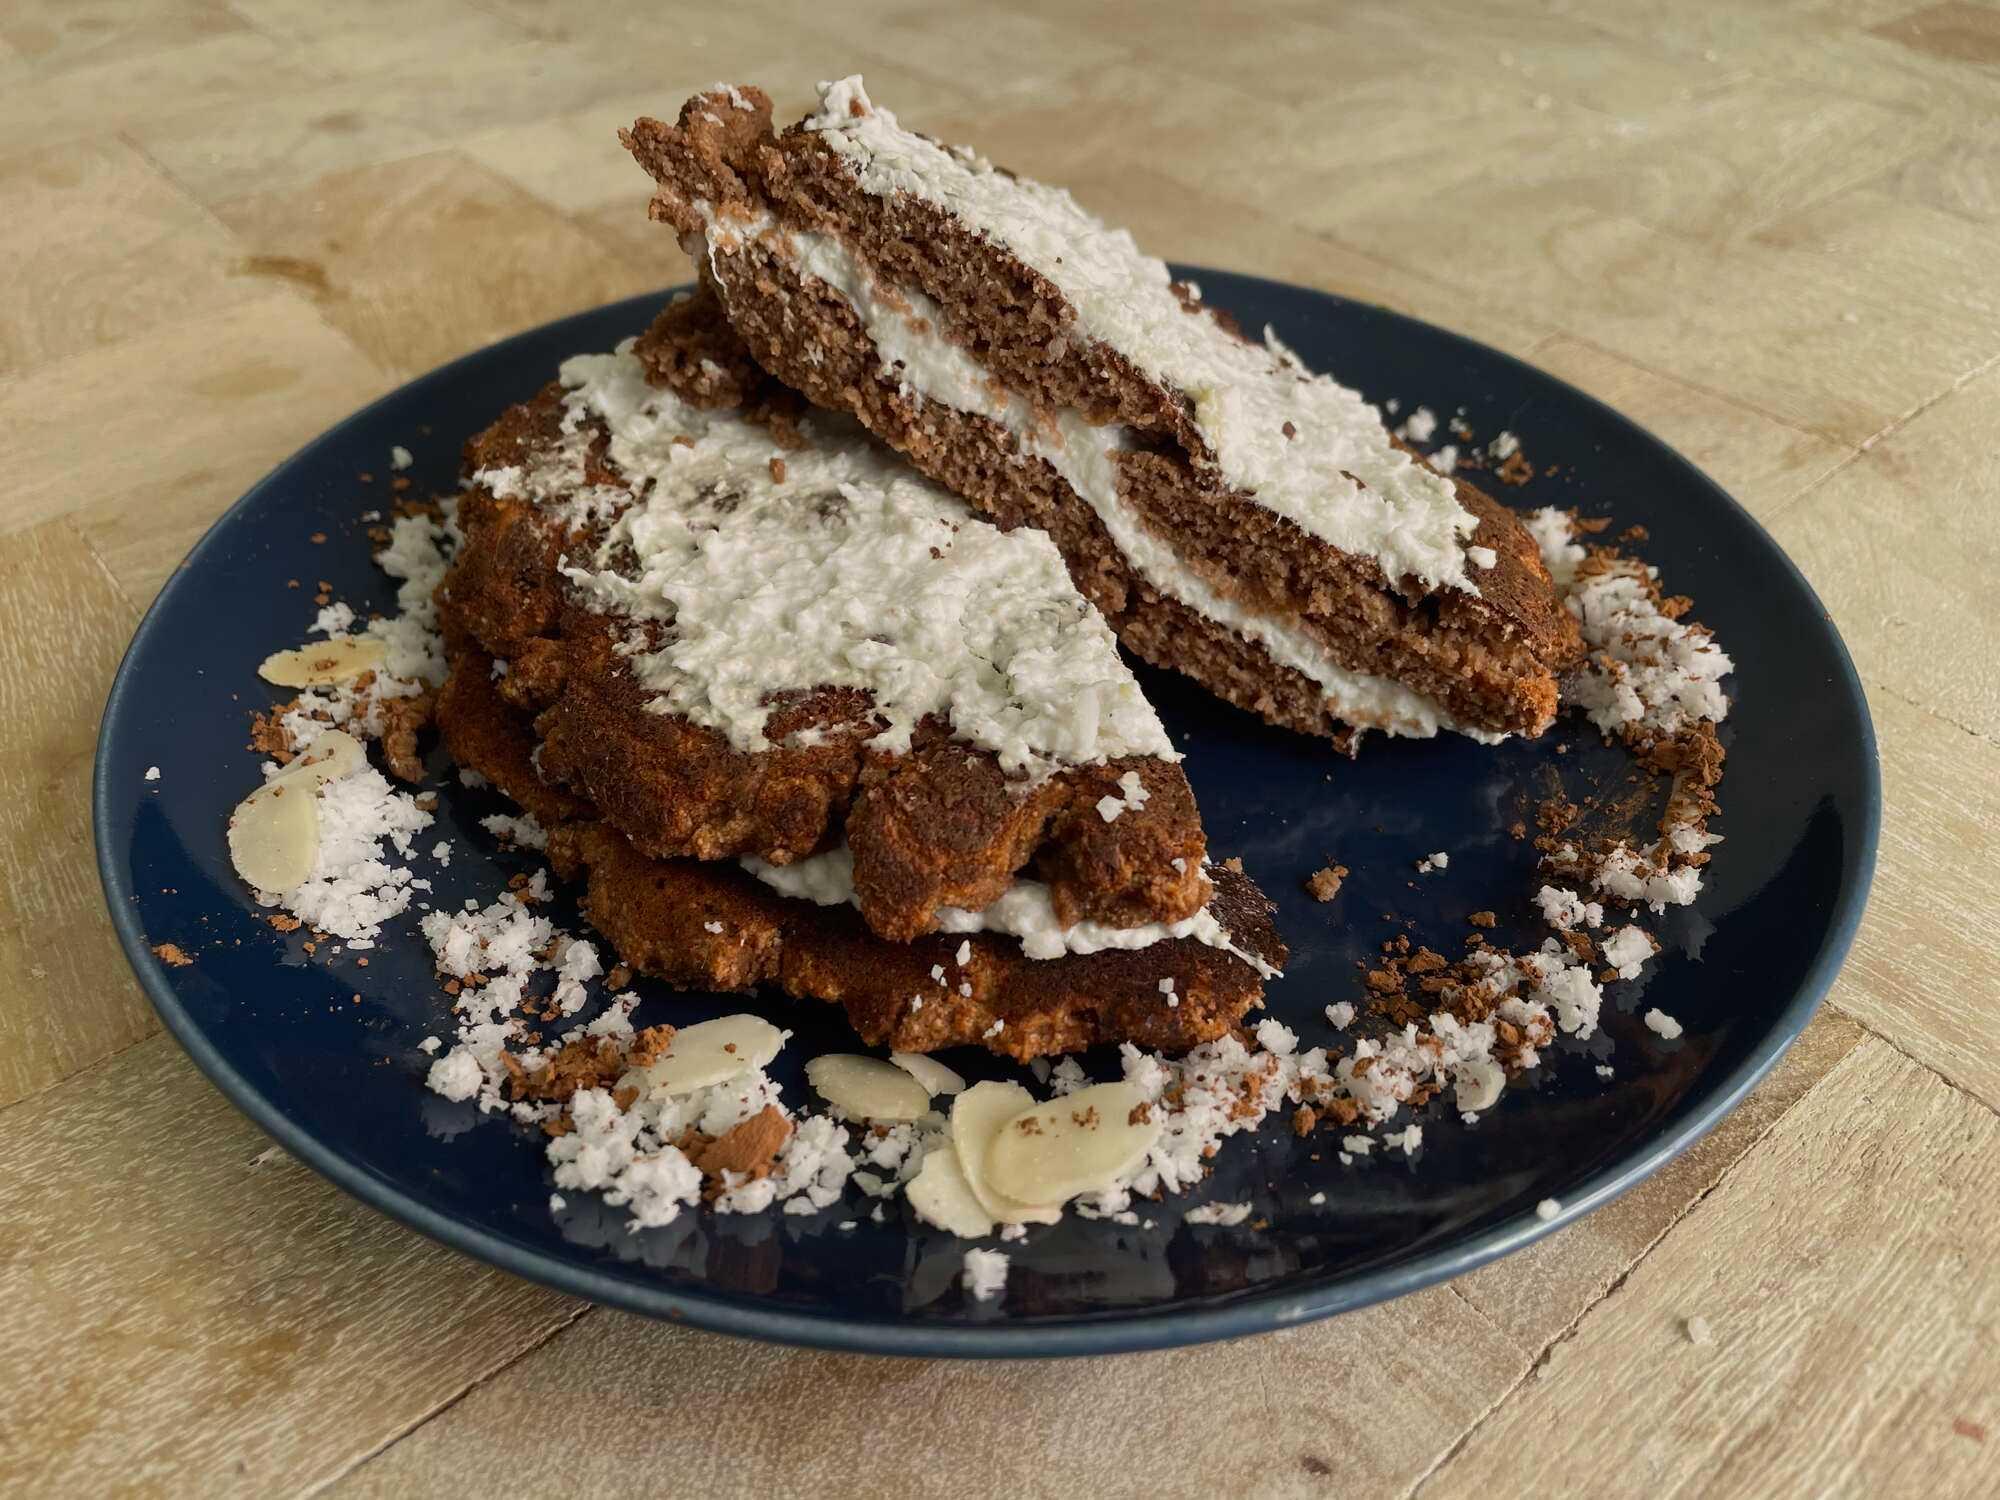 Deux pancakes sont présentés sur une assiette de couleur foncé, ils sont recouverts de chocolat et de noix de coco râpée.